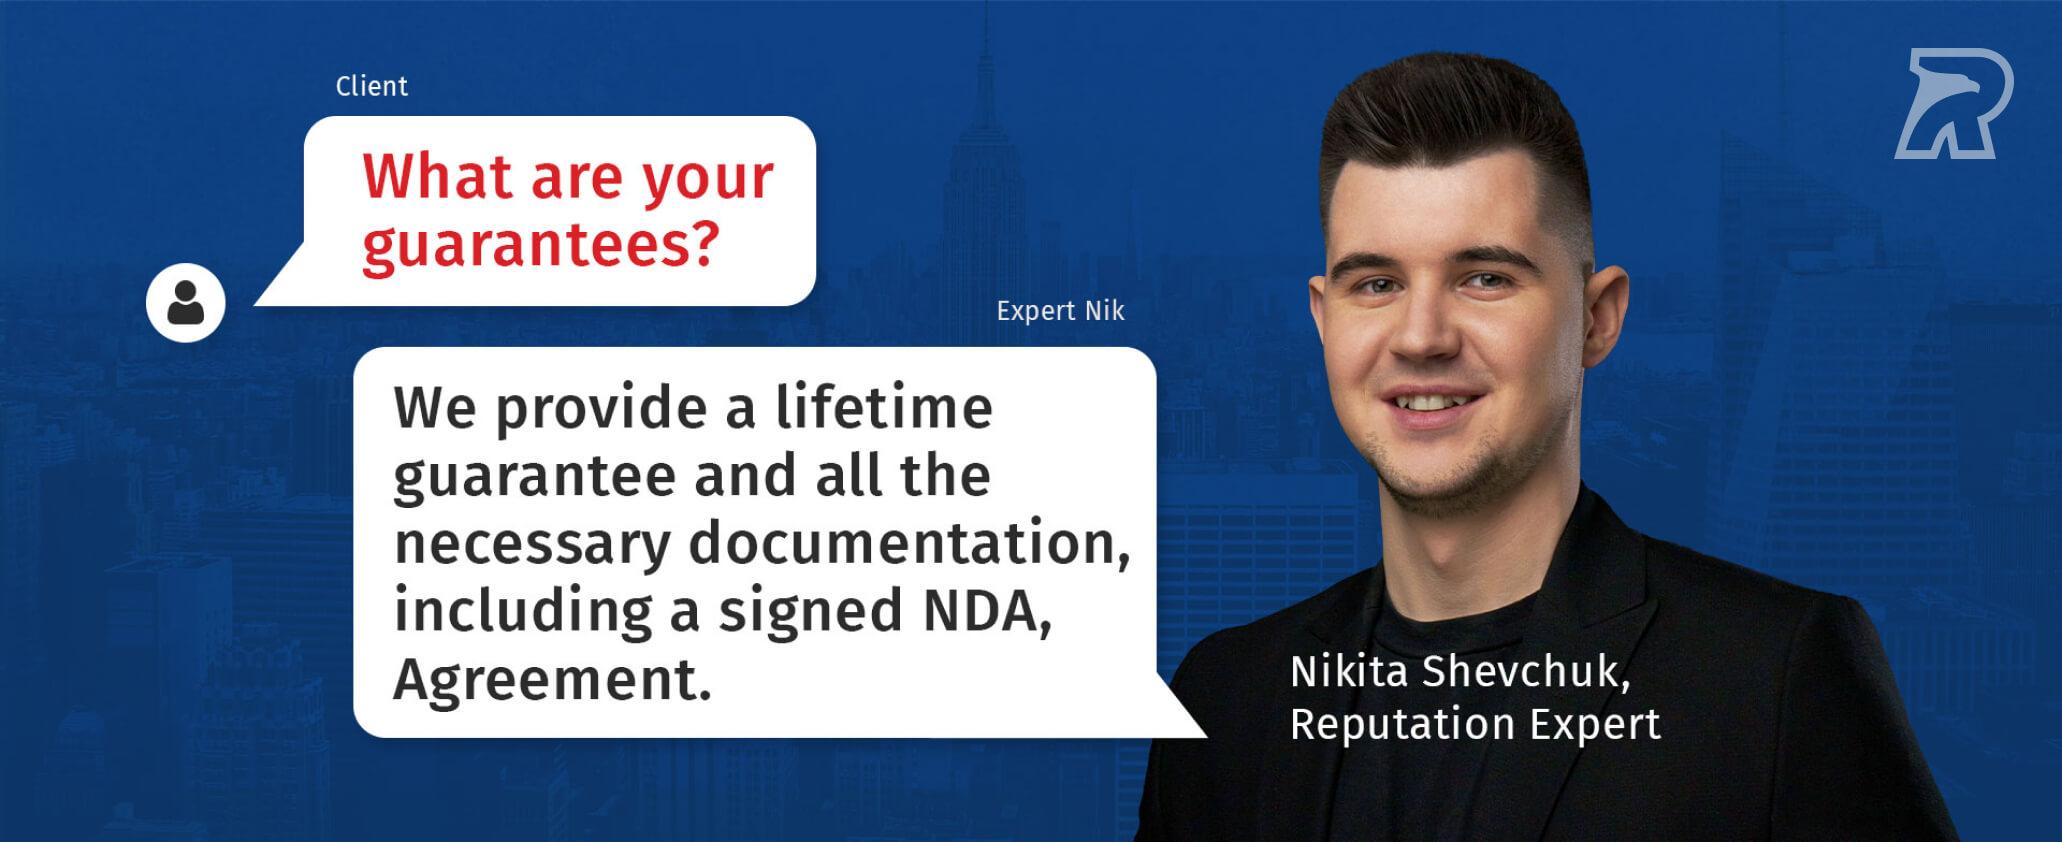 Nikita Shevchuk, reputation expert